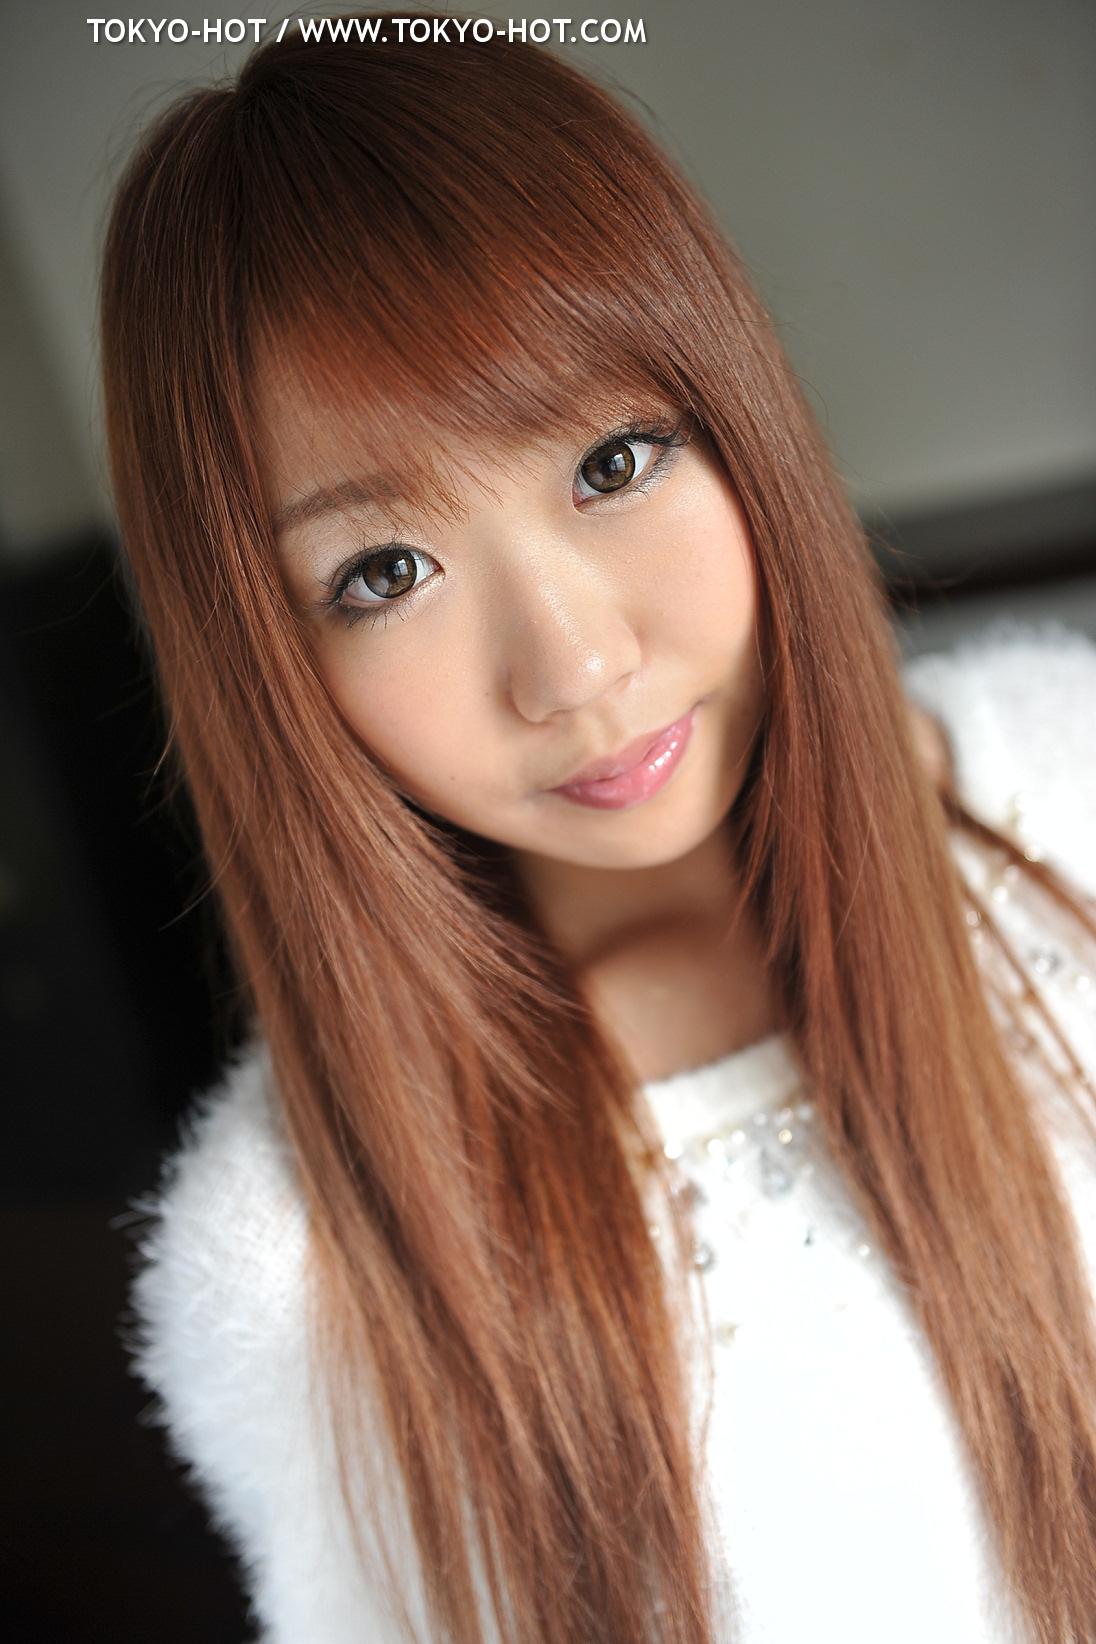 e1058shiori_kosaka0003.